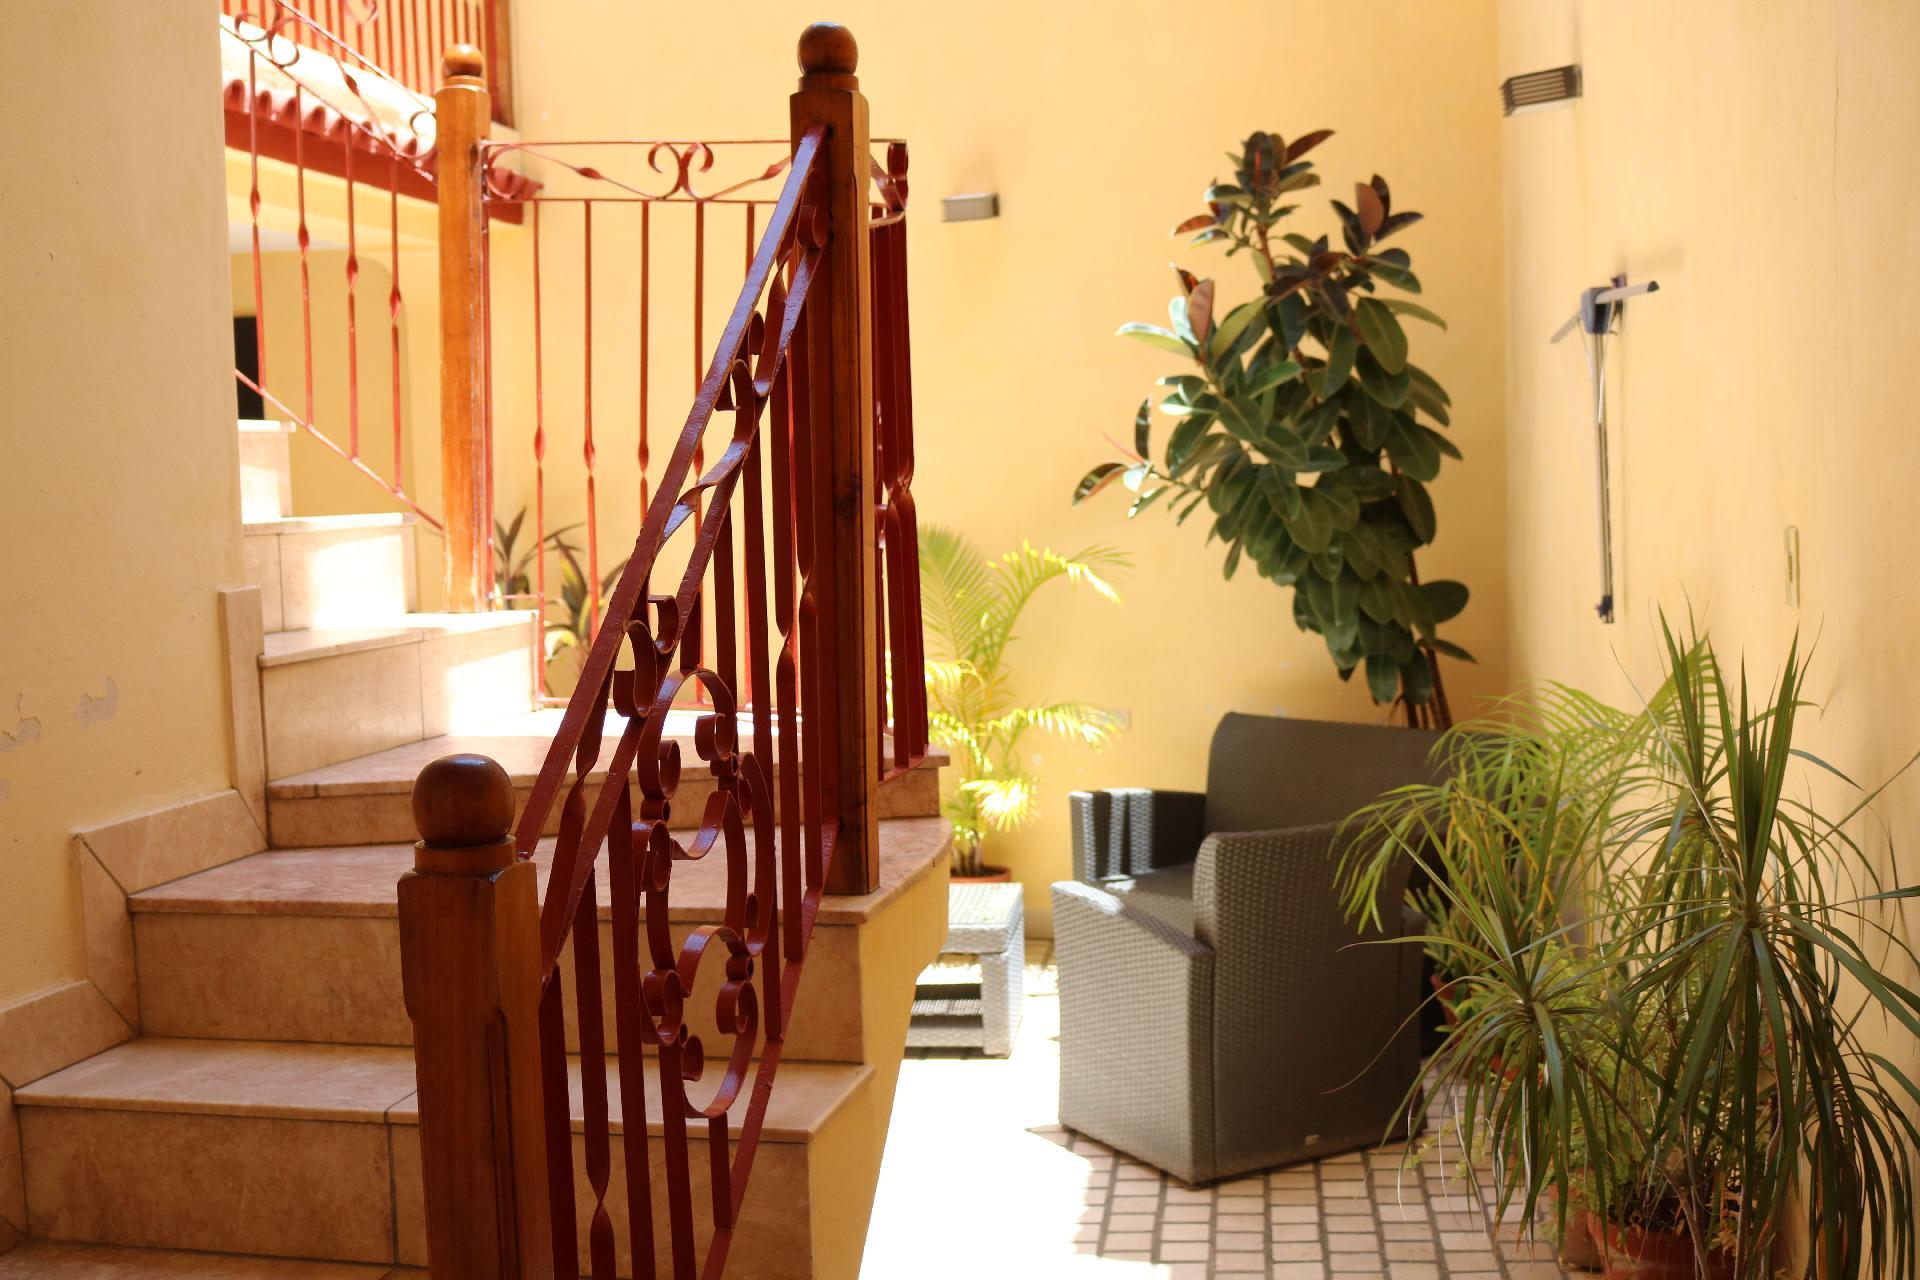 Ferienhaus für 8 Personen ca. 220 m² in   in Mittelamerika und Karibik